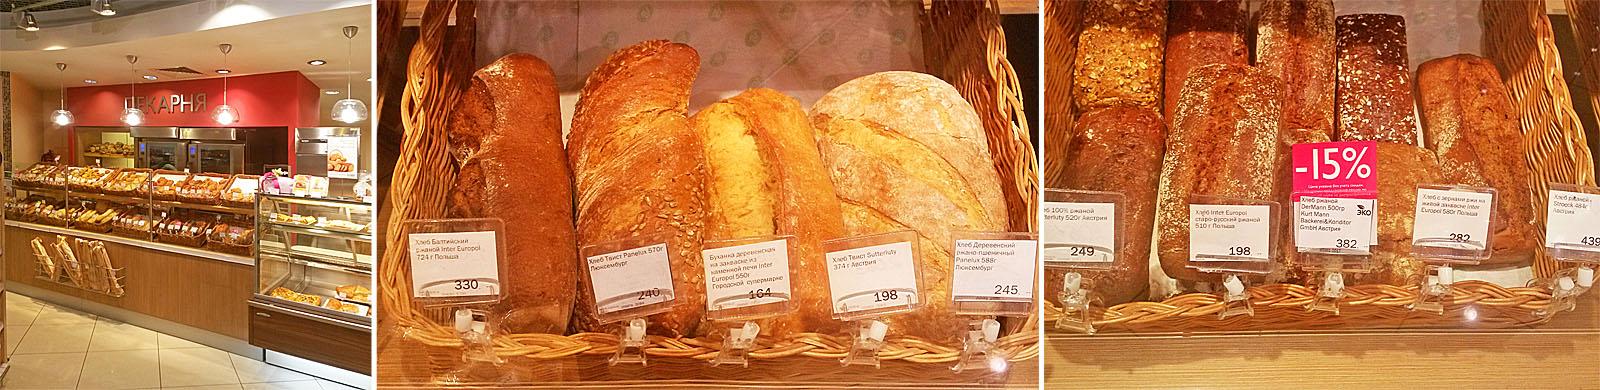 """""""Азбука вкуса"""" имеет внешне полноценный отдел """"Пекарня"""""""